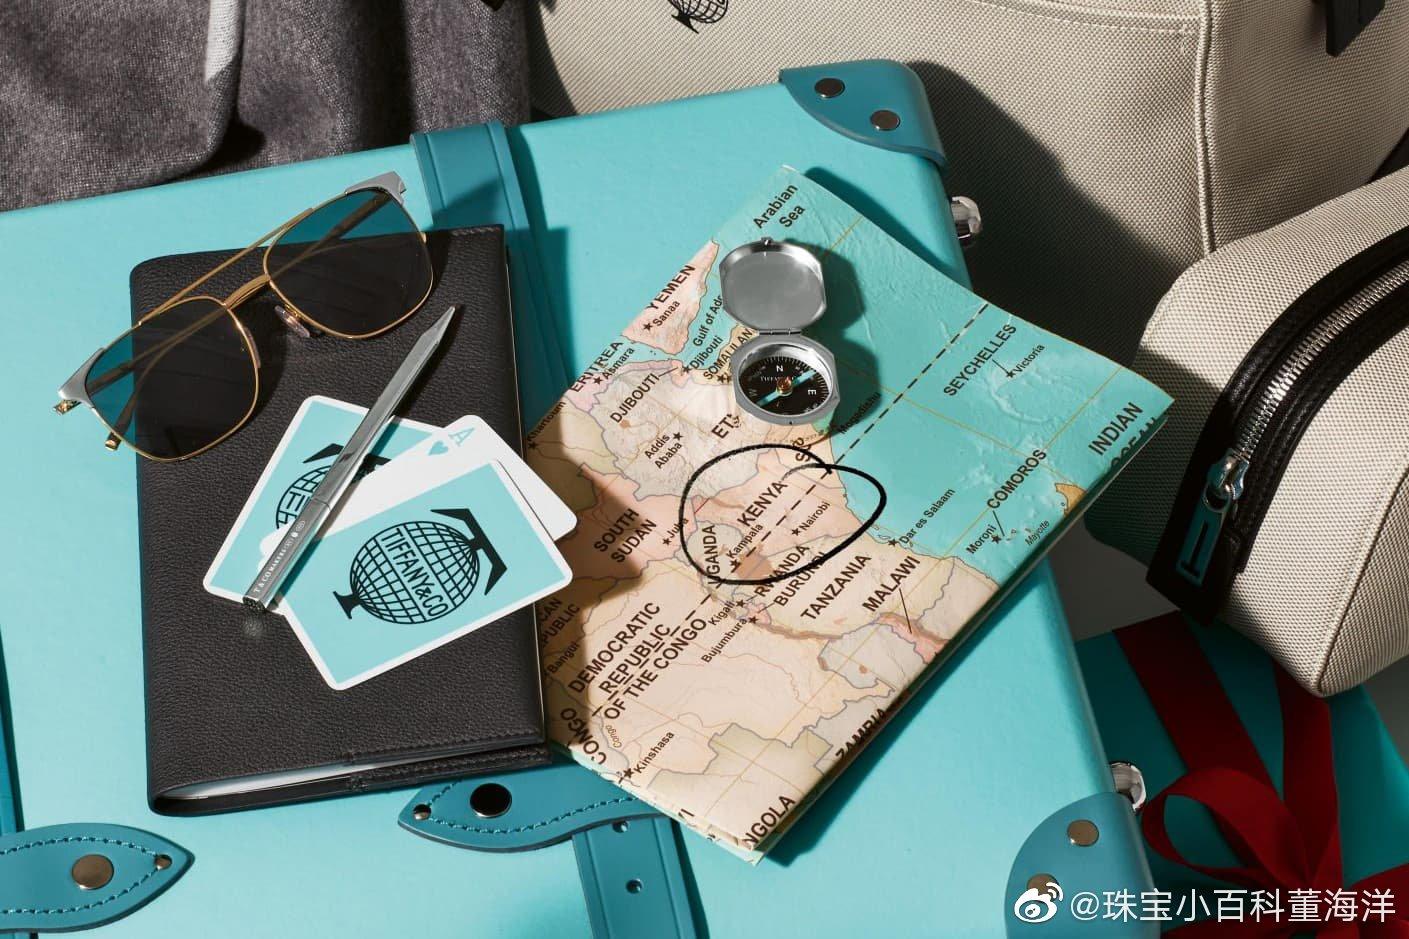 Tiffany贴心的提供了一份圣诞礼物清单,包括桌球,摩托,烤箱等等